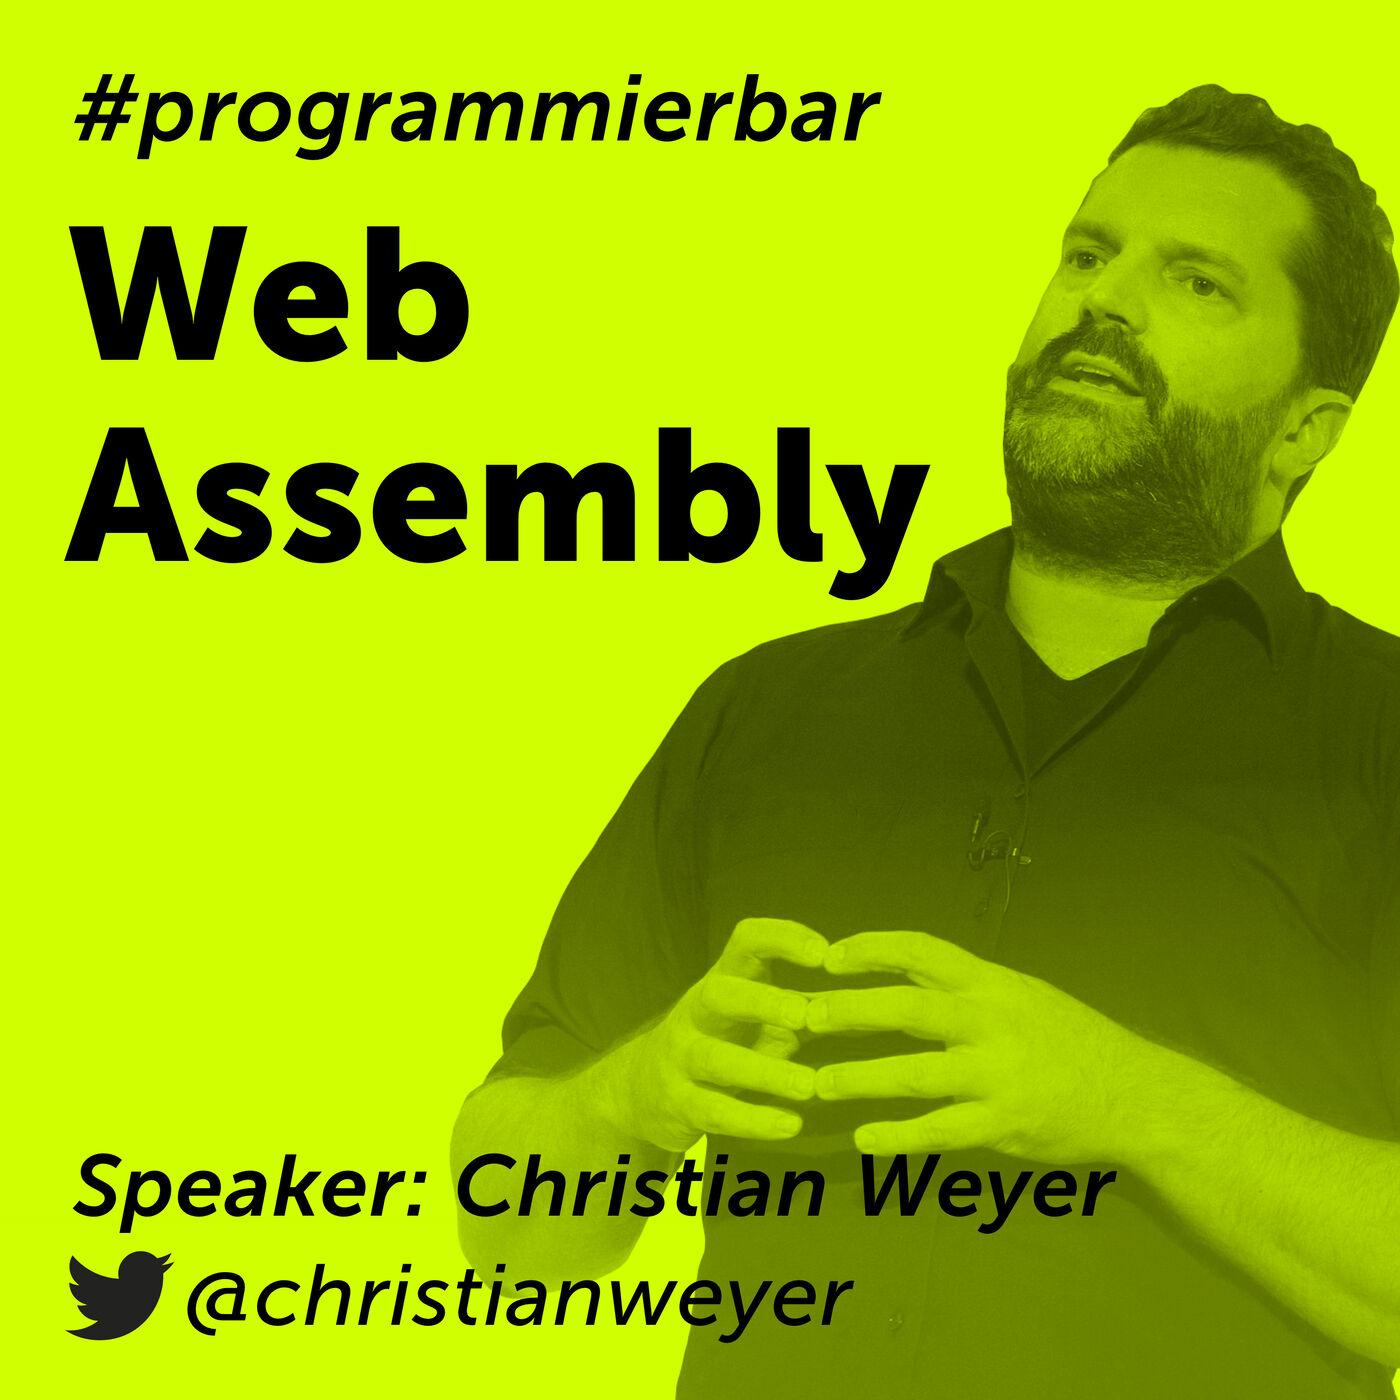 Folge 68 - WebAssembly mit Christian Weyer, CTO und Co-Founder von Thinktecture